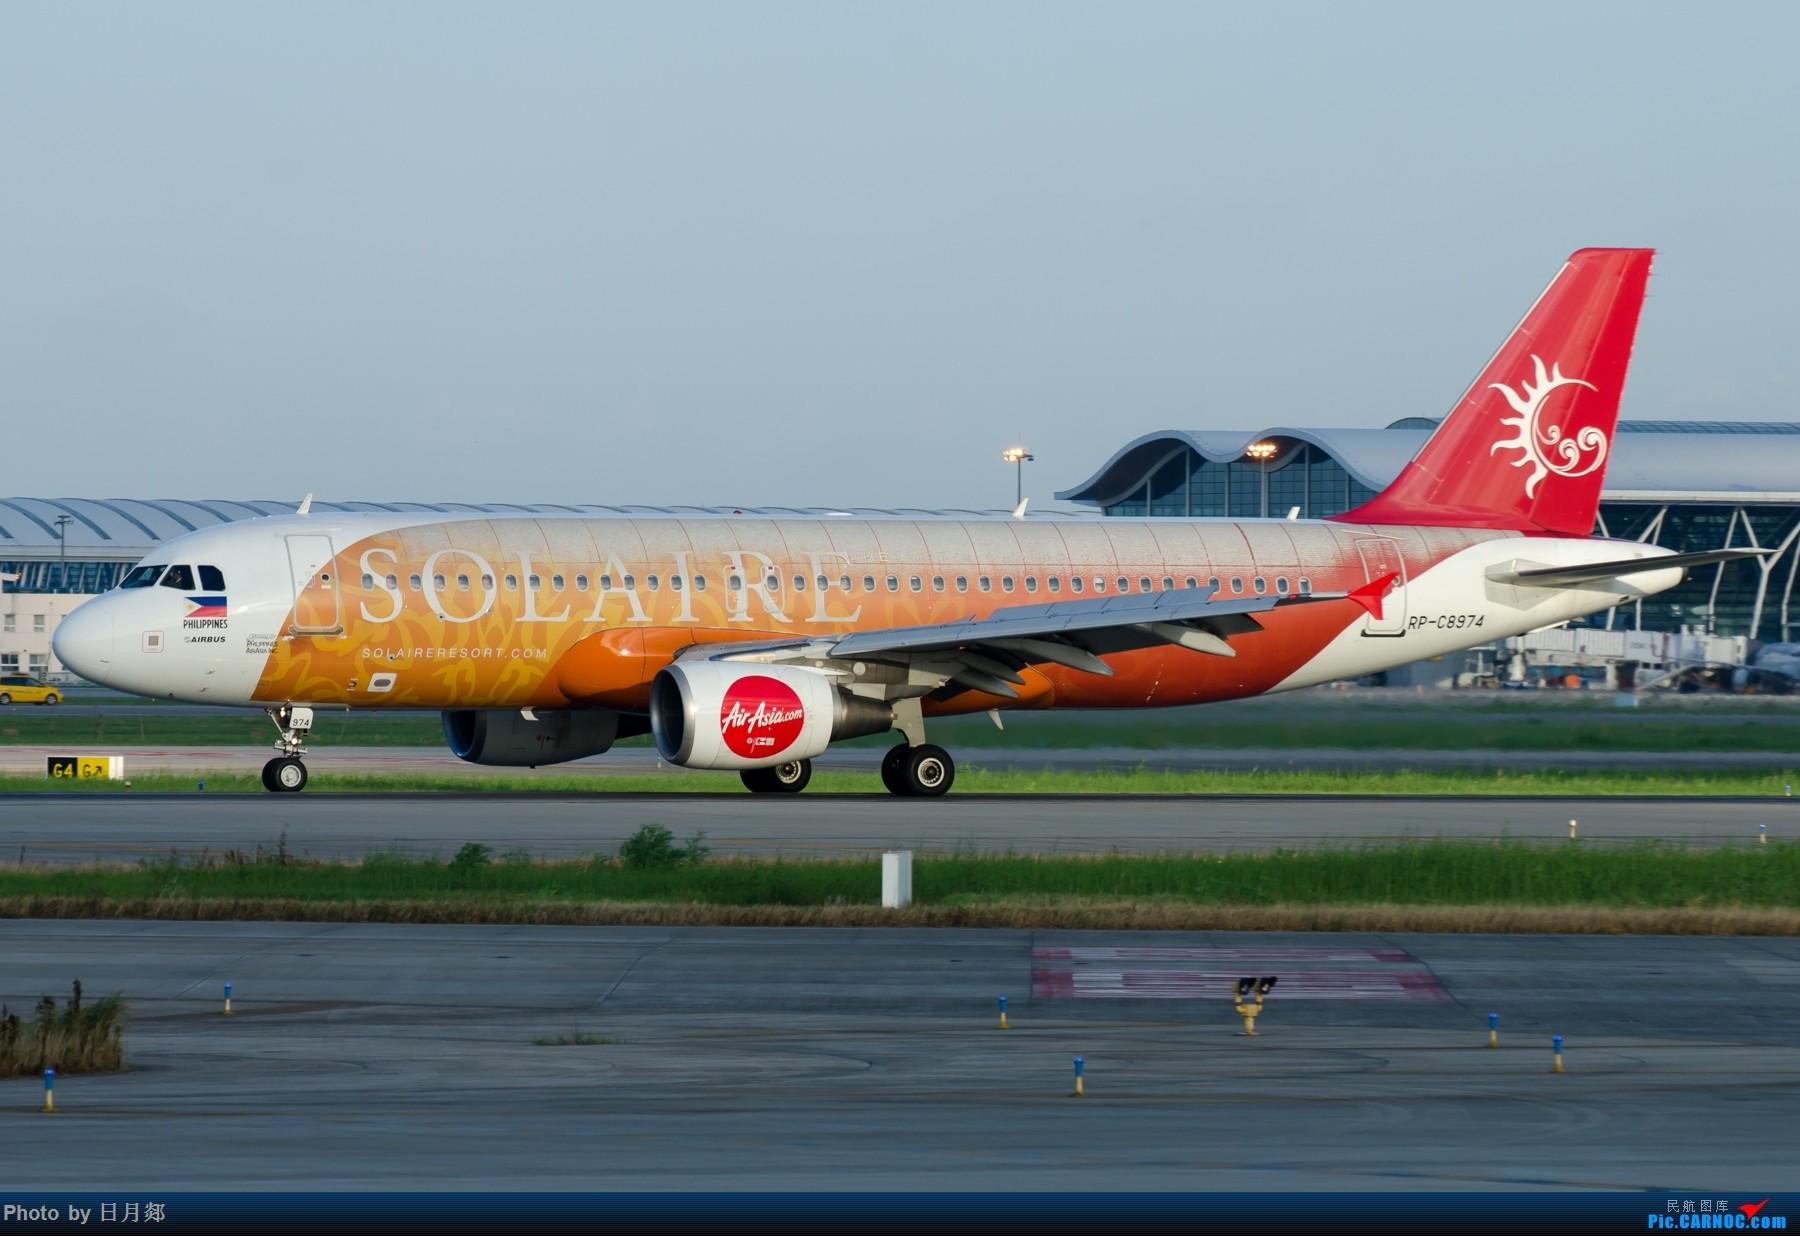 Re:[原创]一年起的最早的一次,PVG撒欢! AIRBUS A320-200 RP-C8974 中国上海浦东国际机场